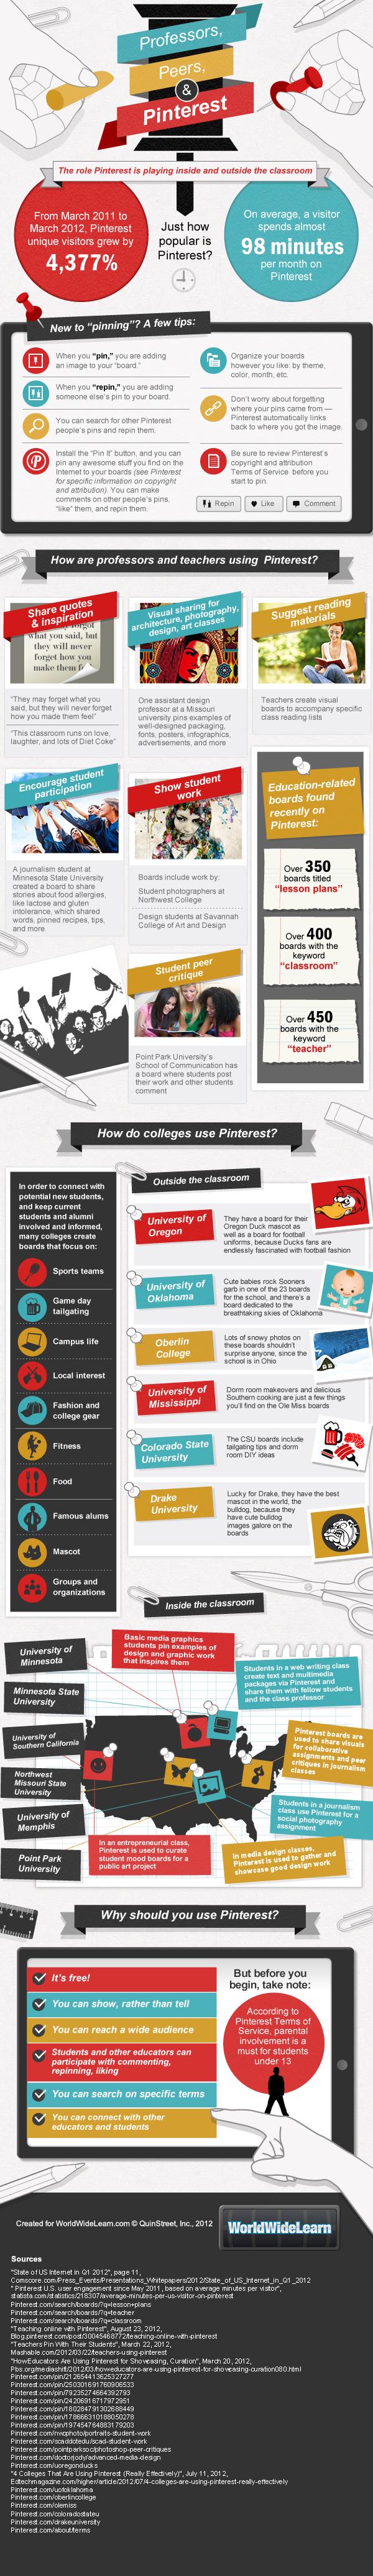 professors-peers-pinterest.jpg